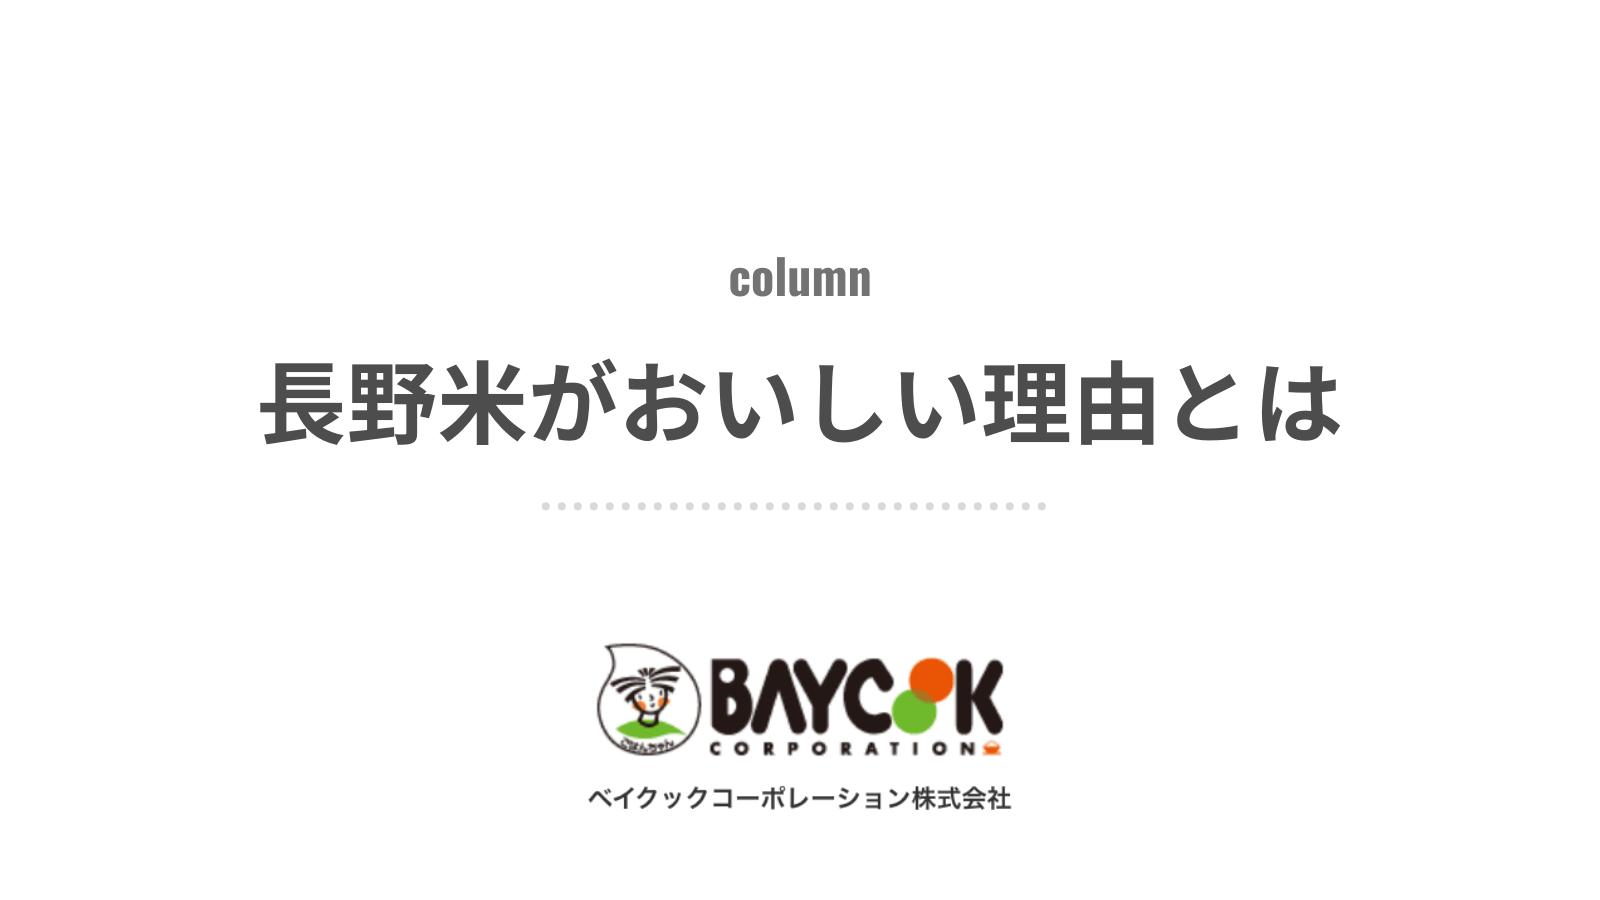 長野米がおいしい理由とは|ベイクックの長野米コラム